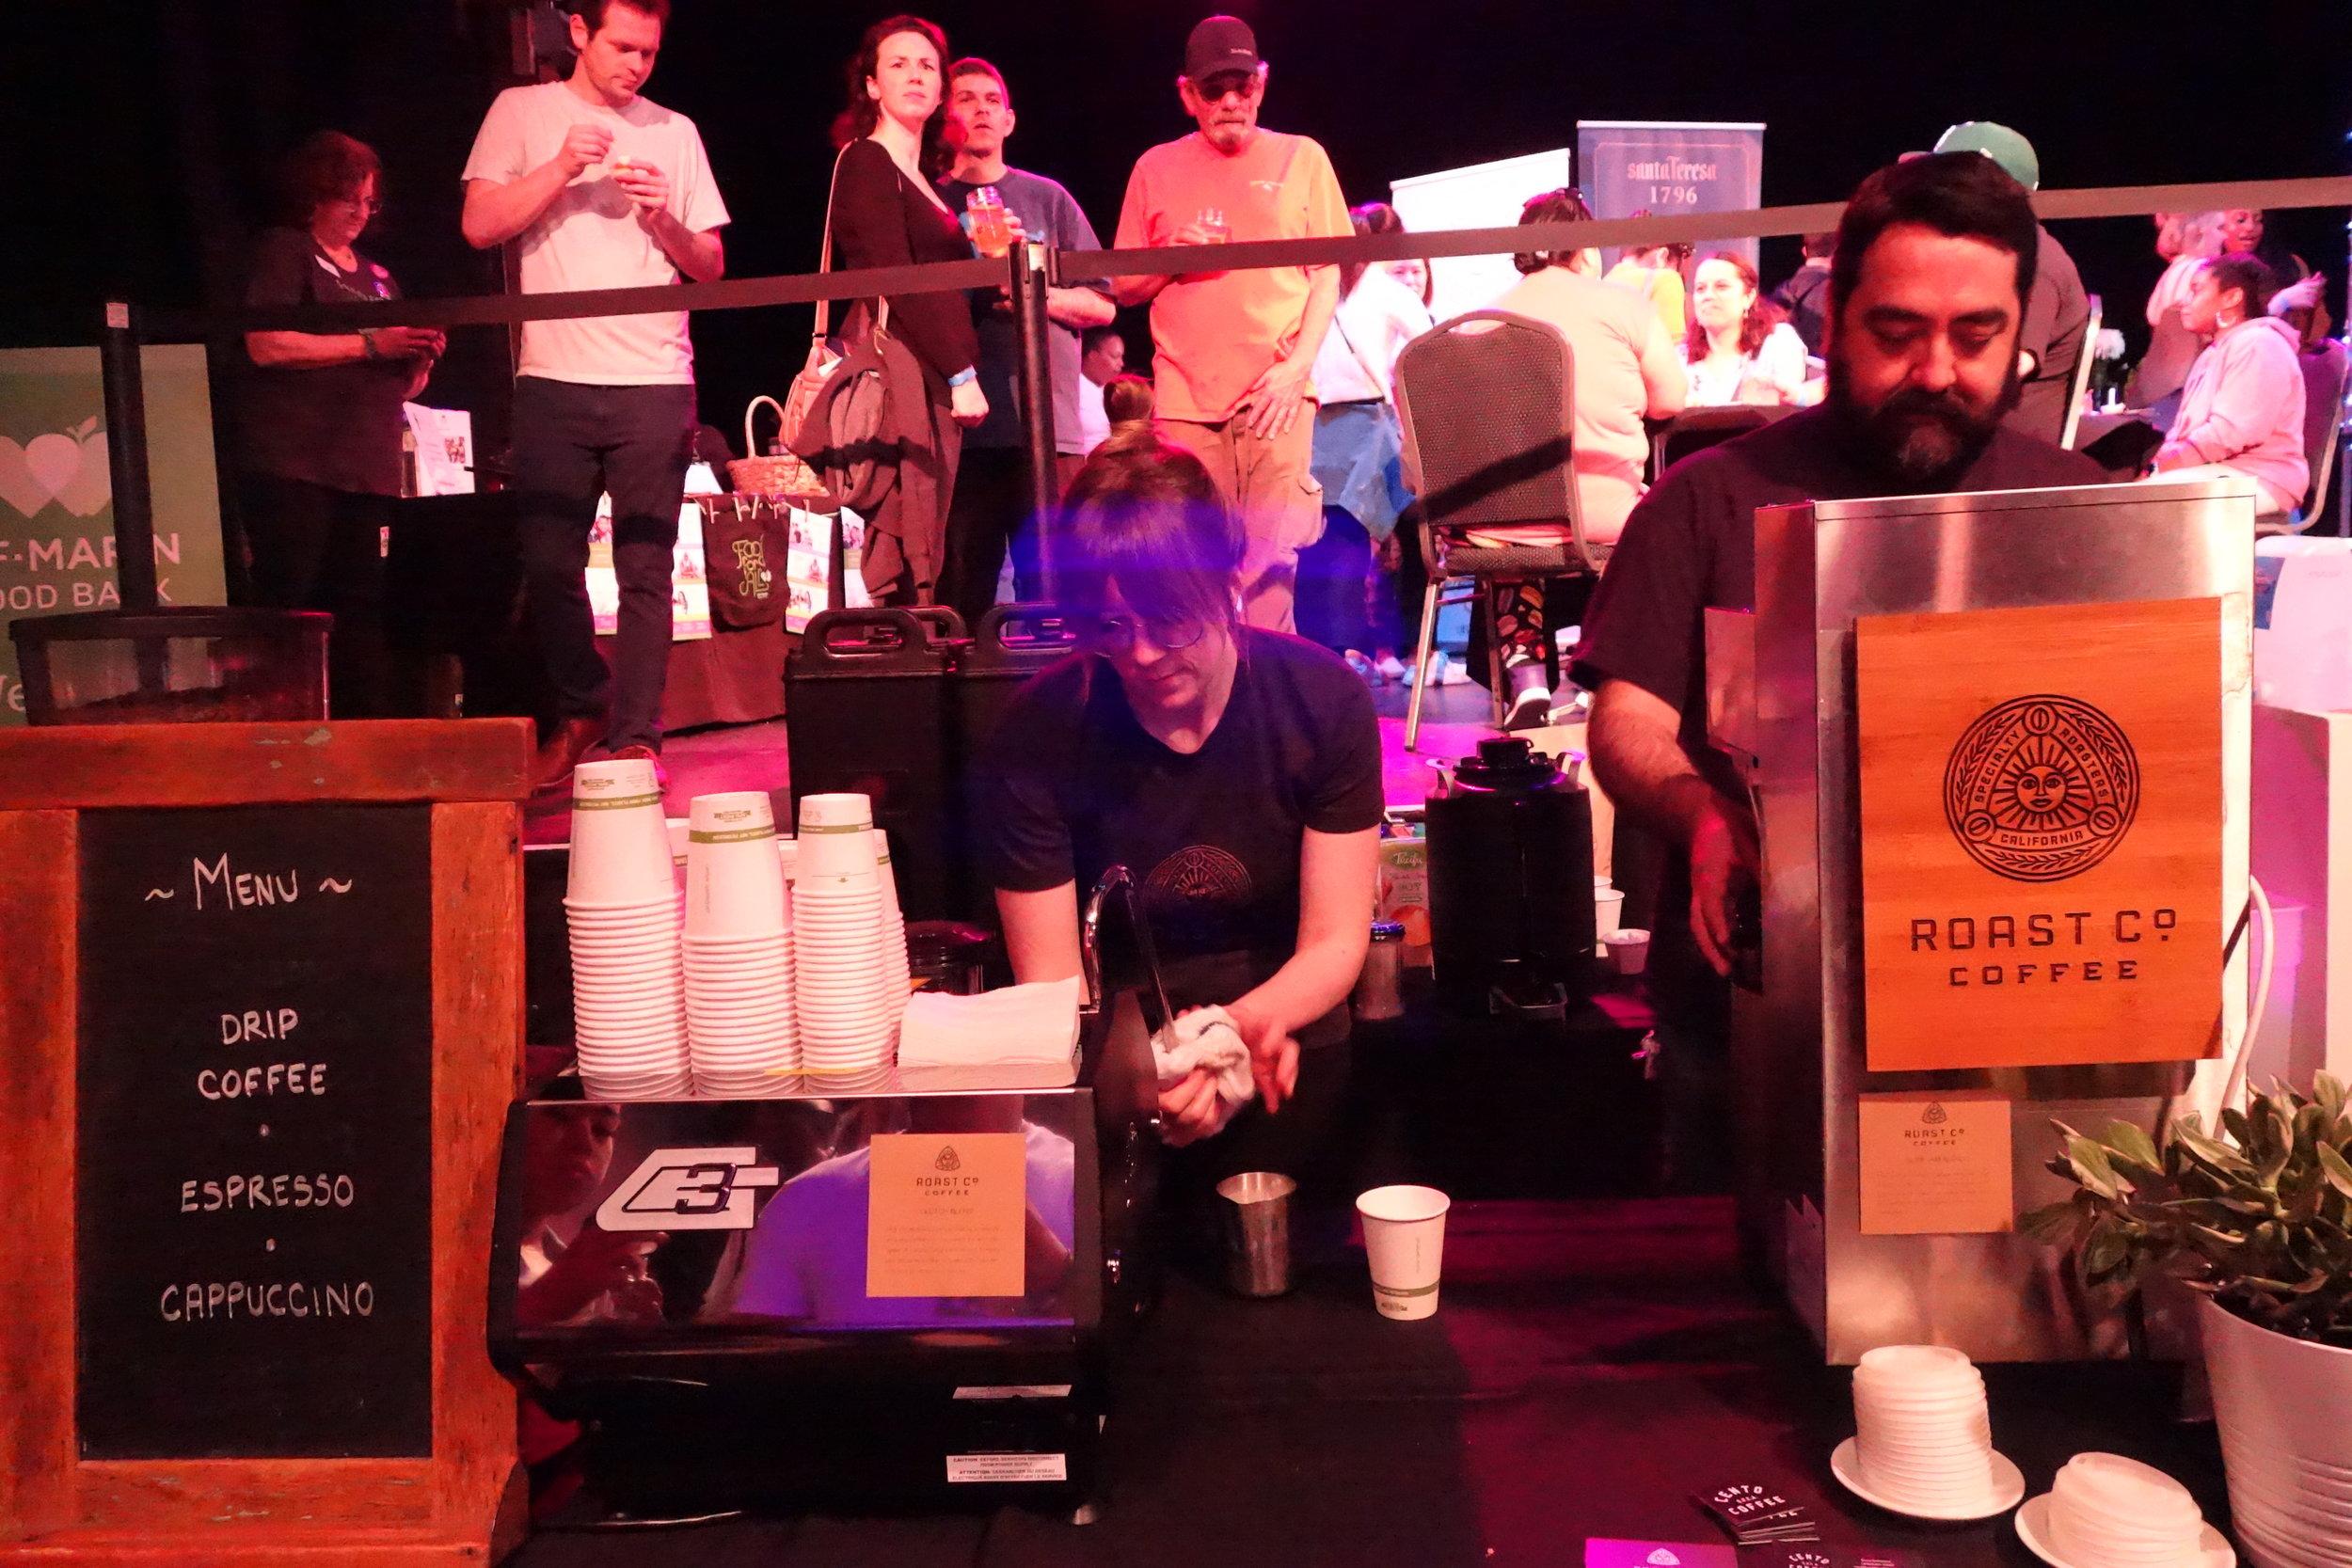 Roast Co Coffee Team members serving coffee samples